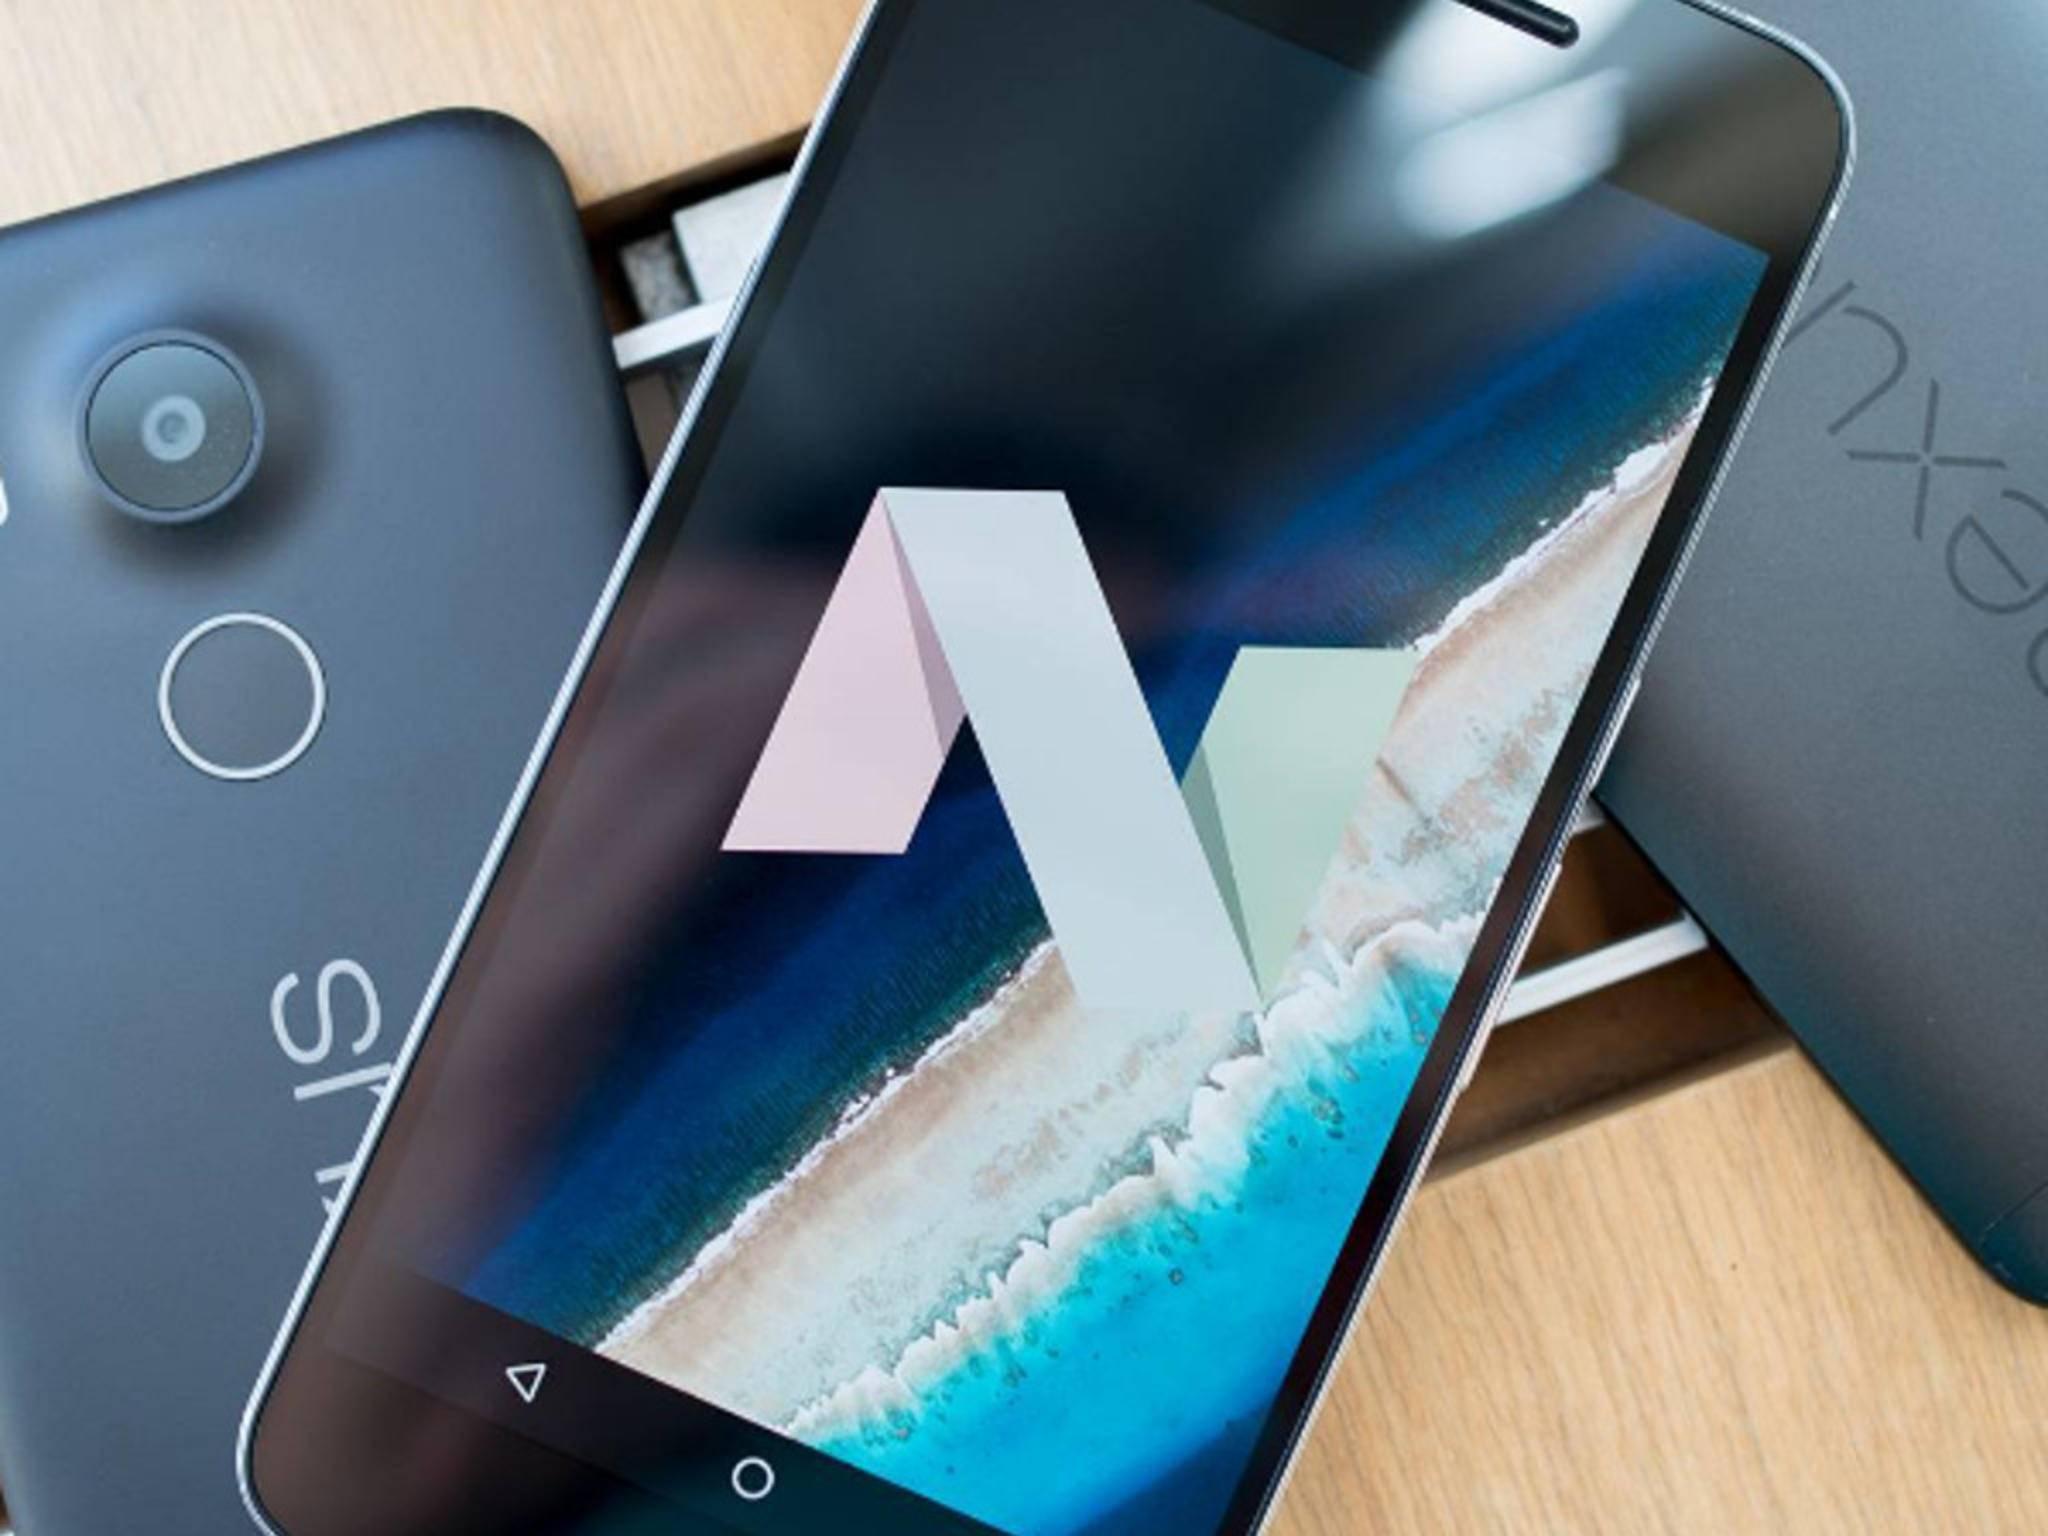 Nexus Sailfish und Marlin heißen jetzt Google Pixel und Pixel XL